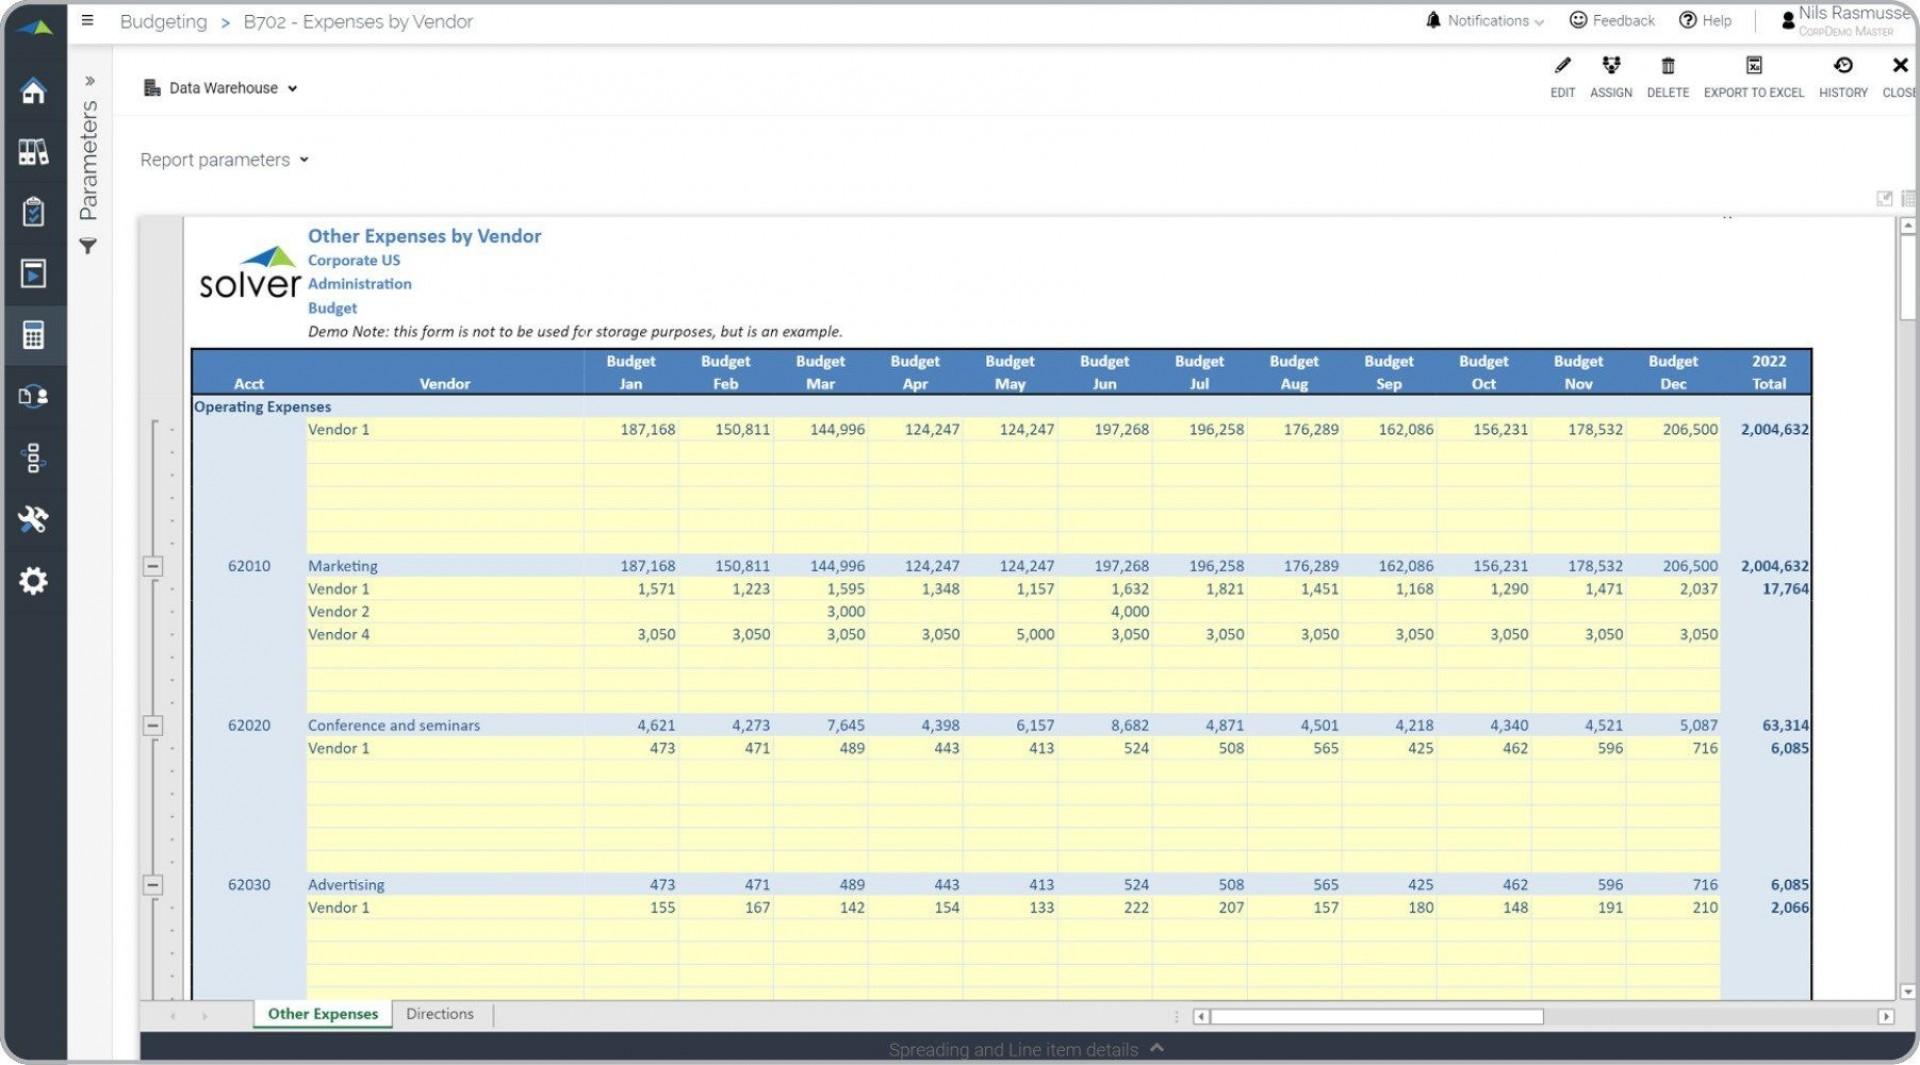 003 Breathtaking Line Item Budget Template Excel Design 1920